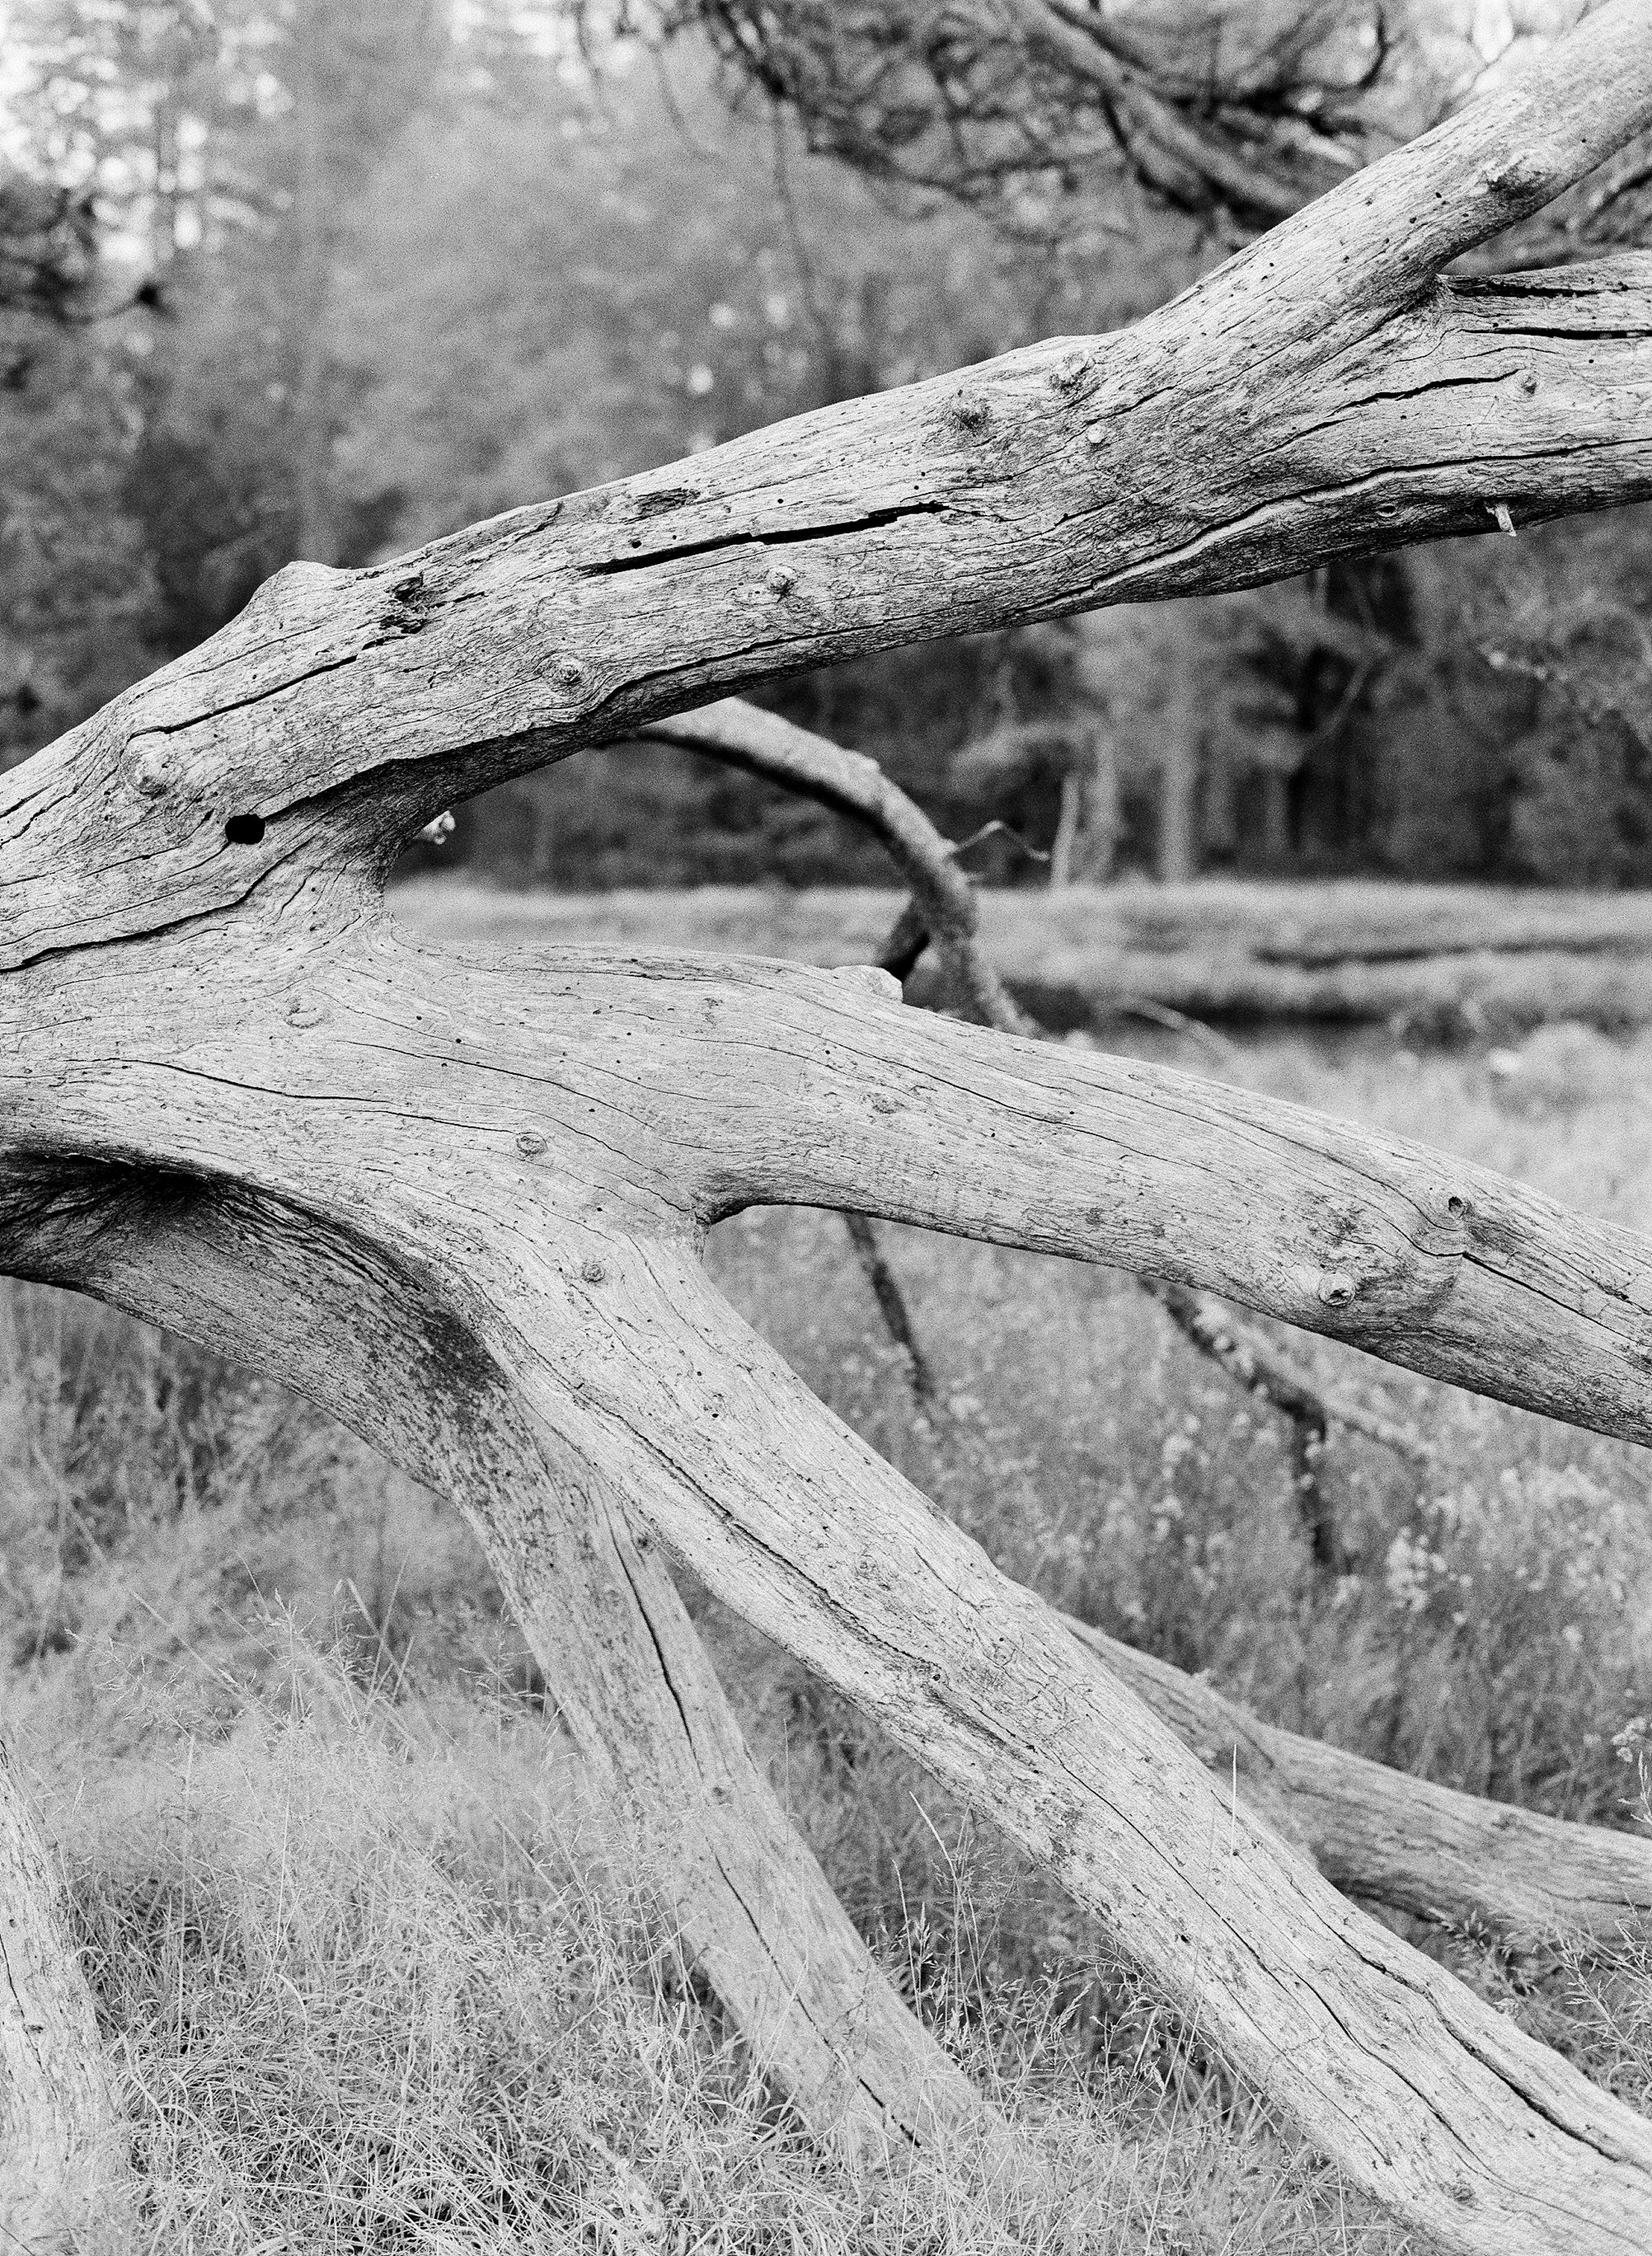 Branches, El Capitan Meadow